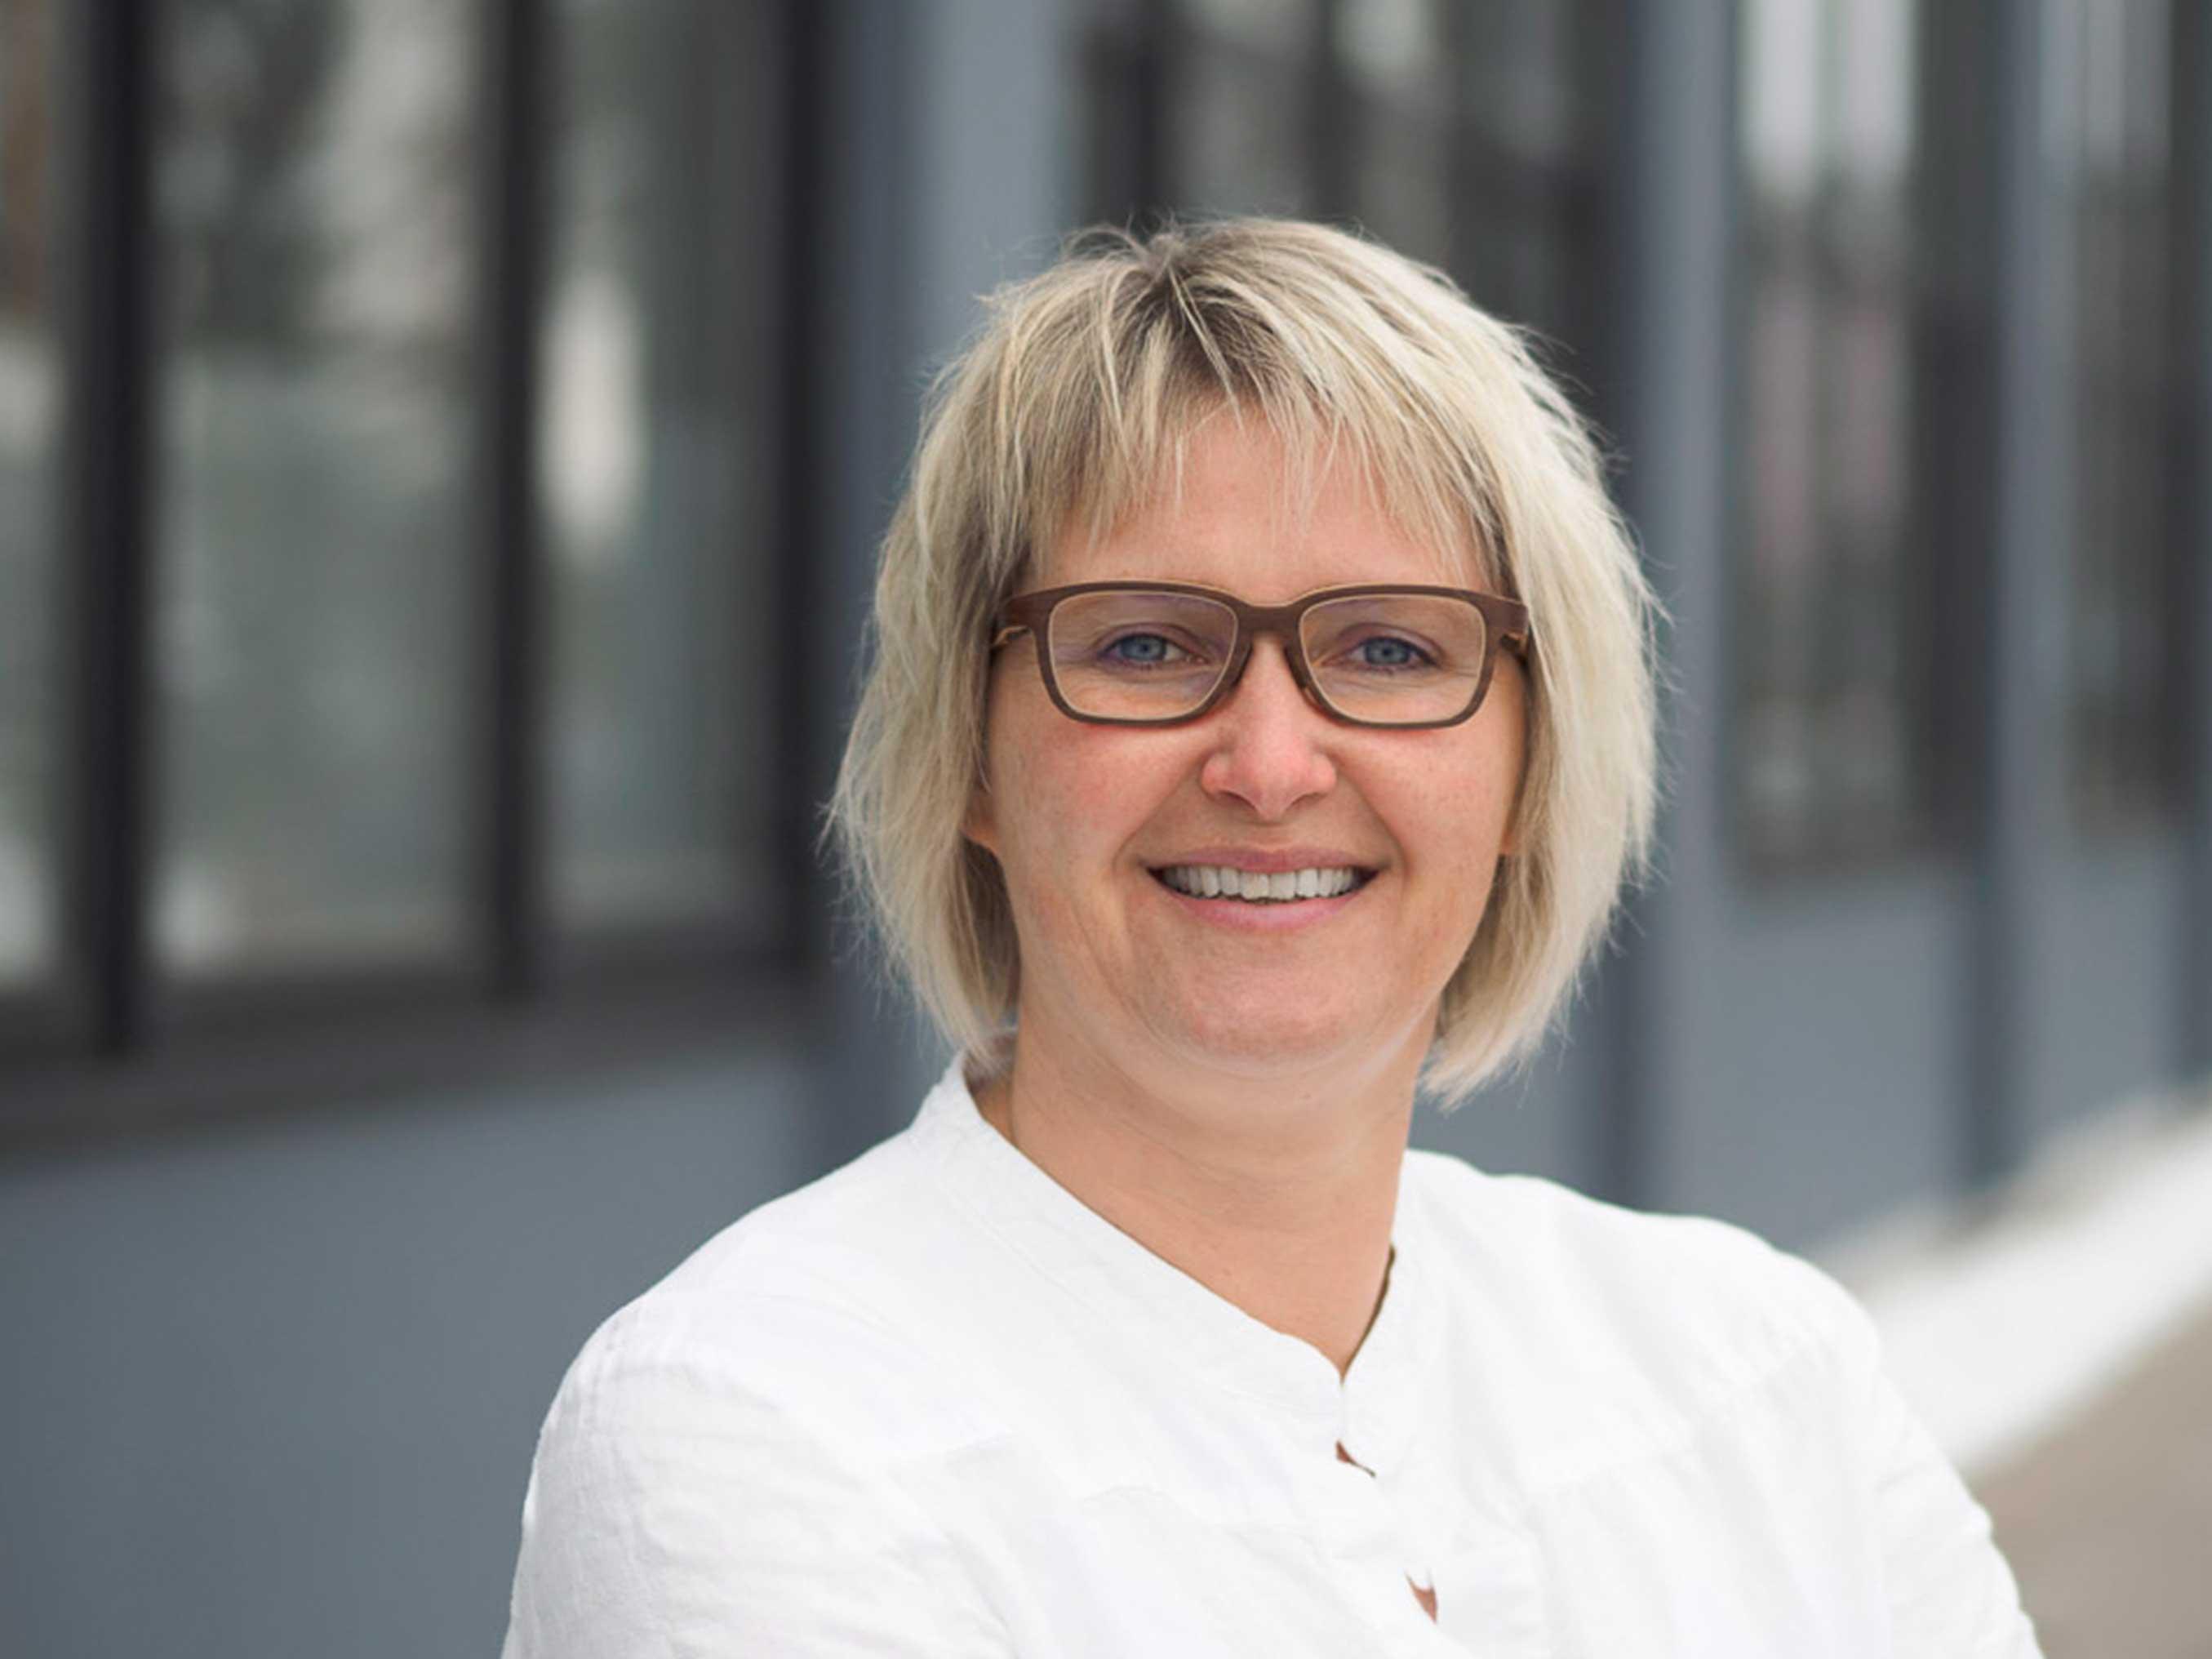 Ulrike Kindemann vom Bauunternehmen bendl aus Günzburg